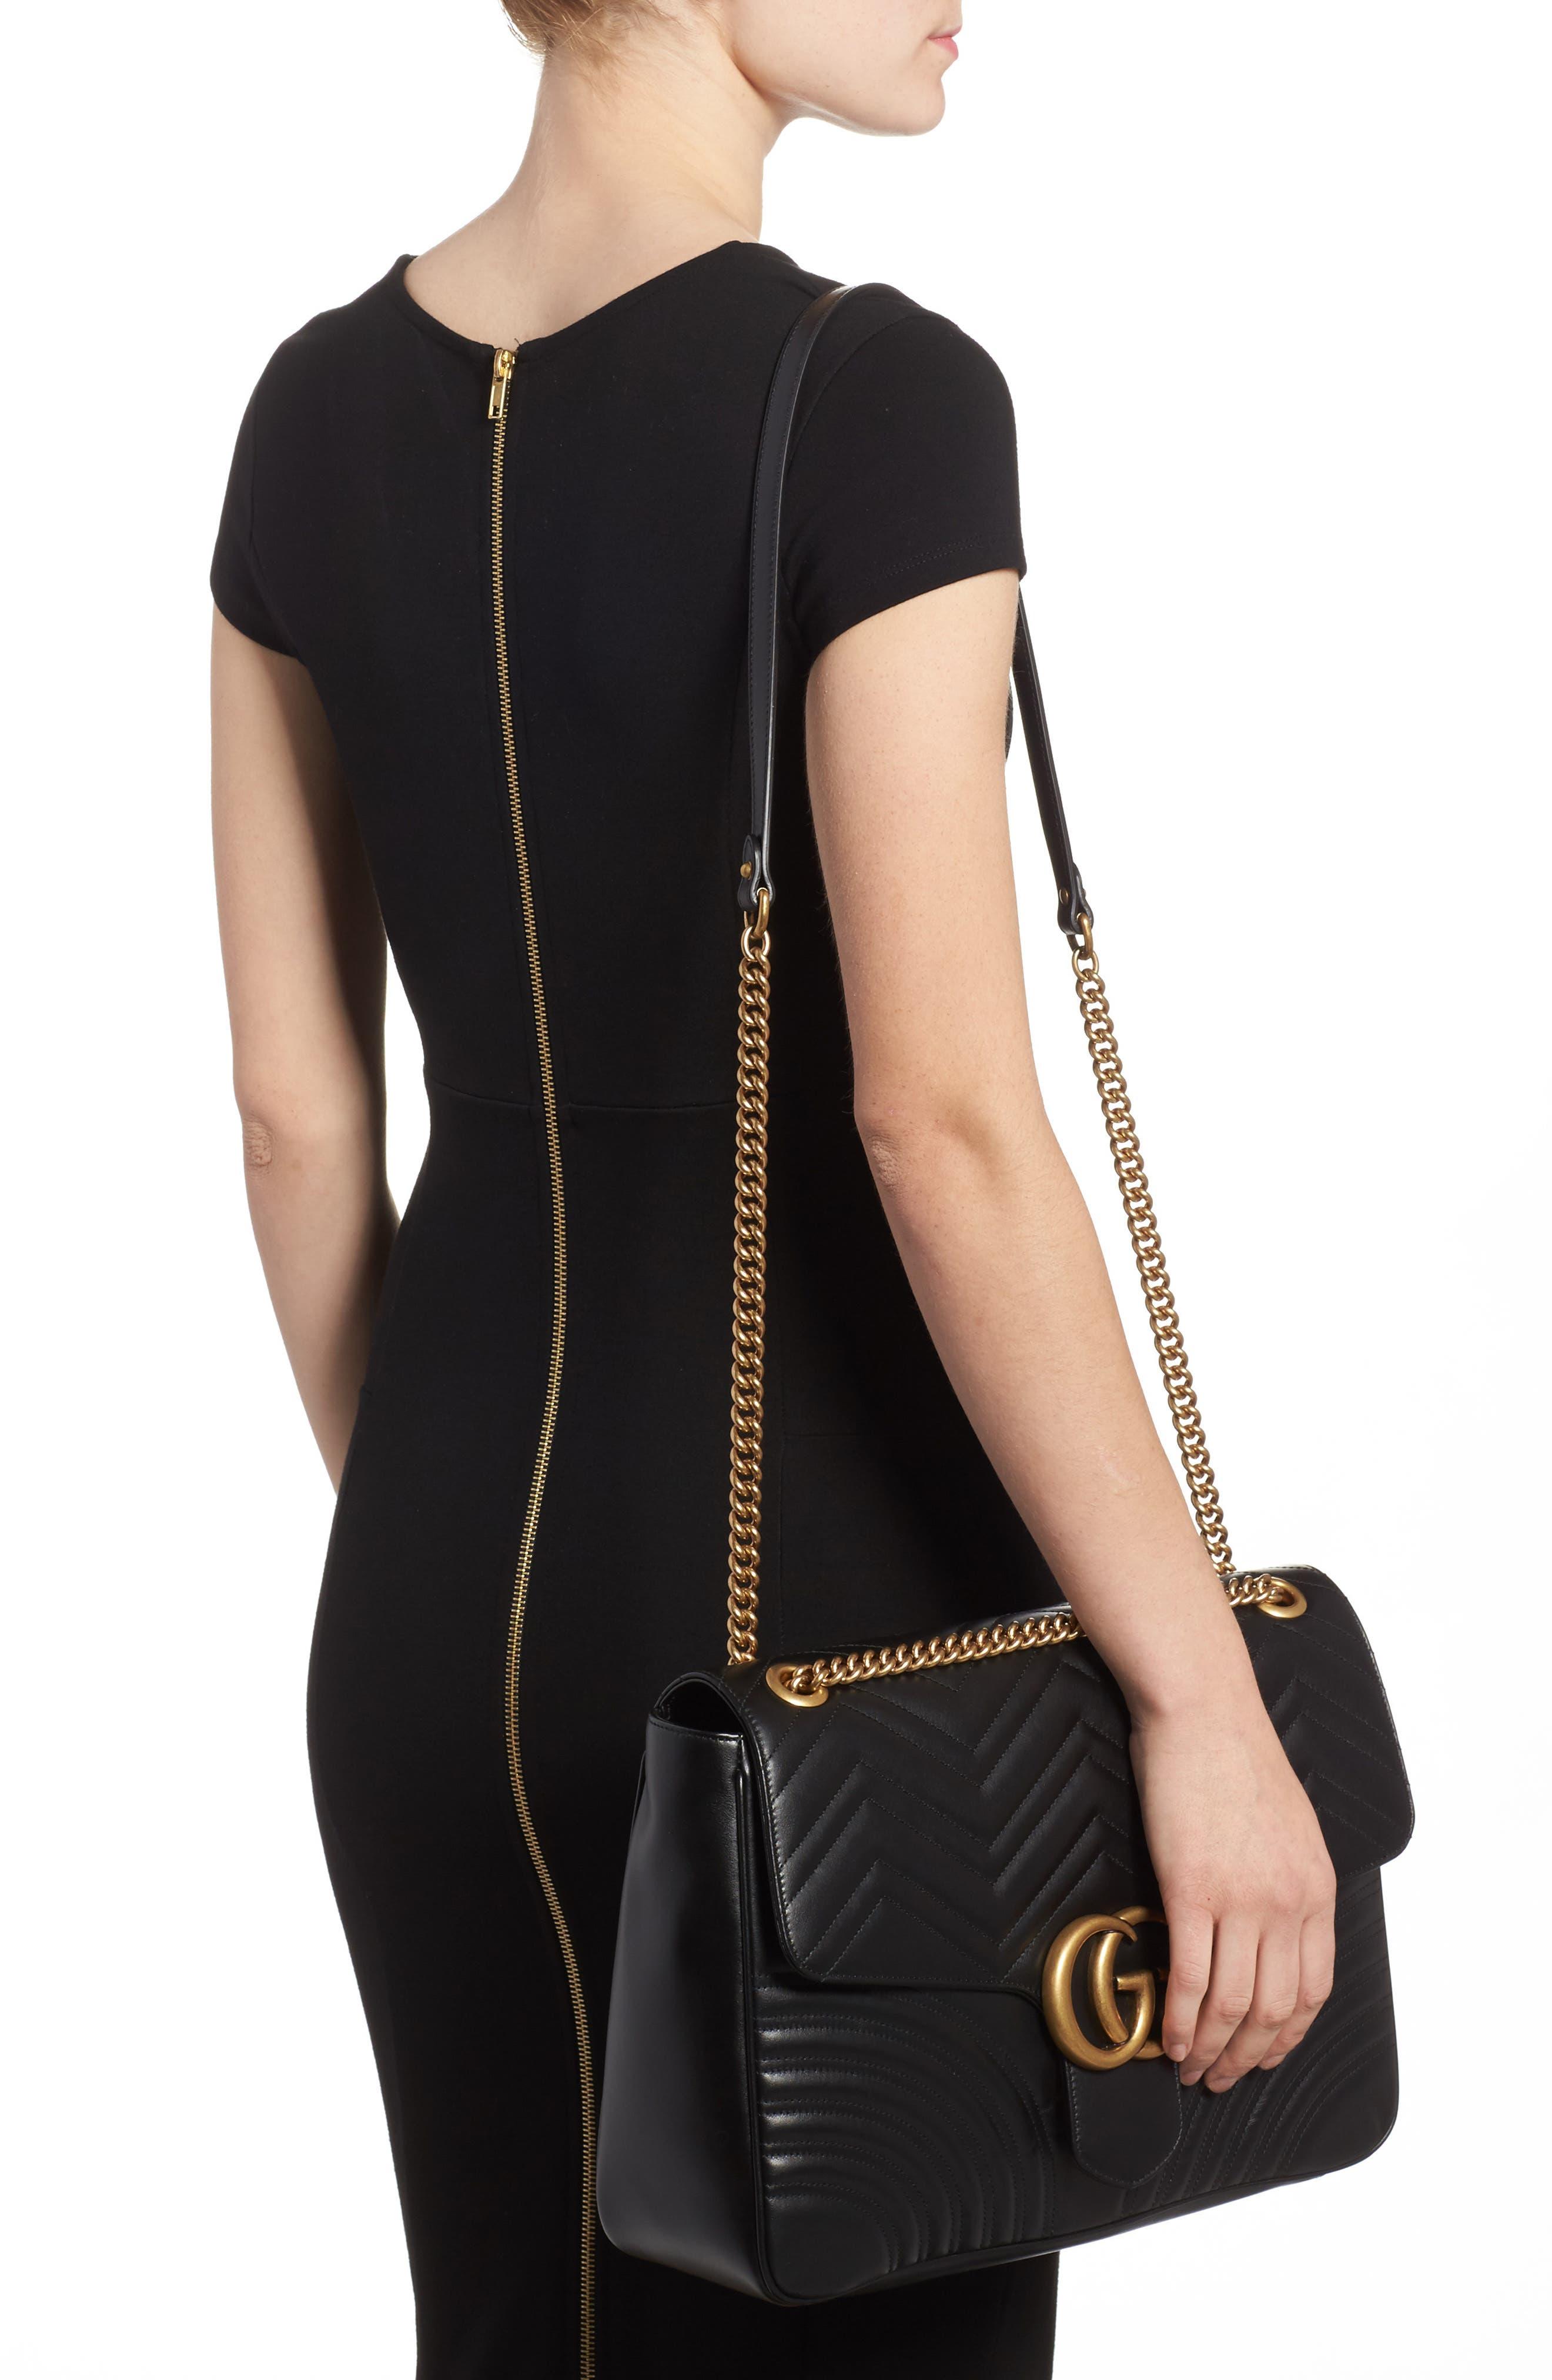 GUCCI, GG Large Marmont 2.0 Matelassé Leather Shoulder Bag, Alternate thumbnail 2, color, NERO